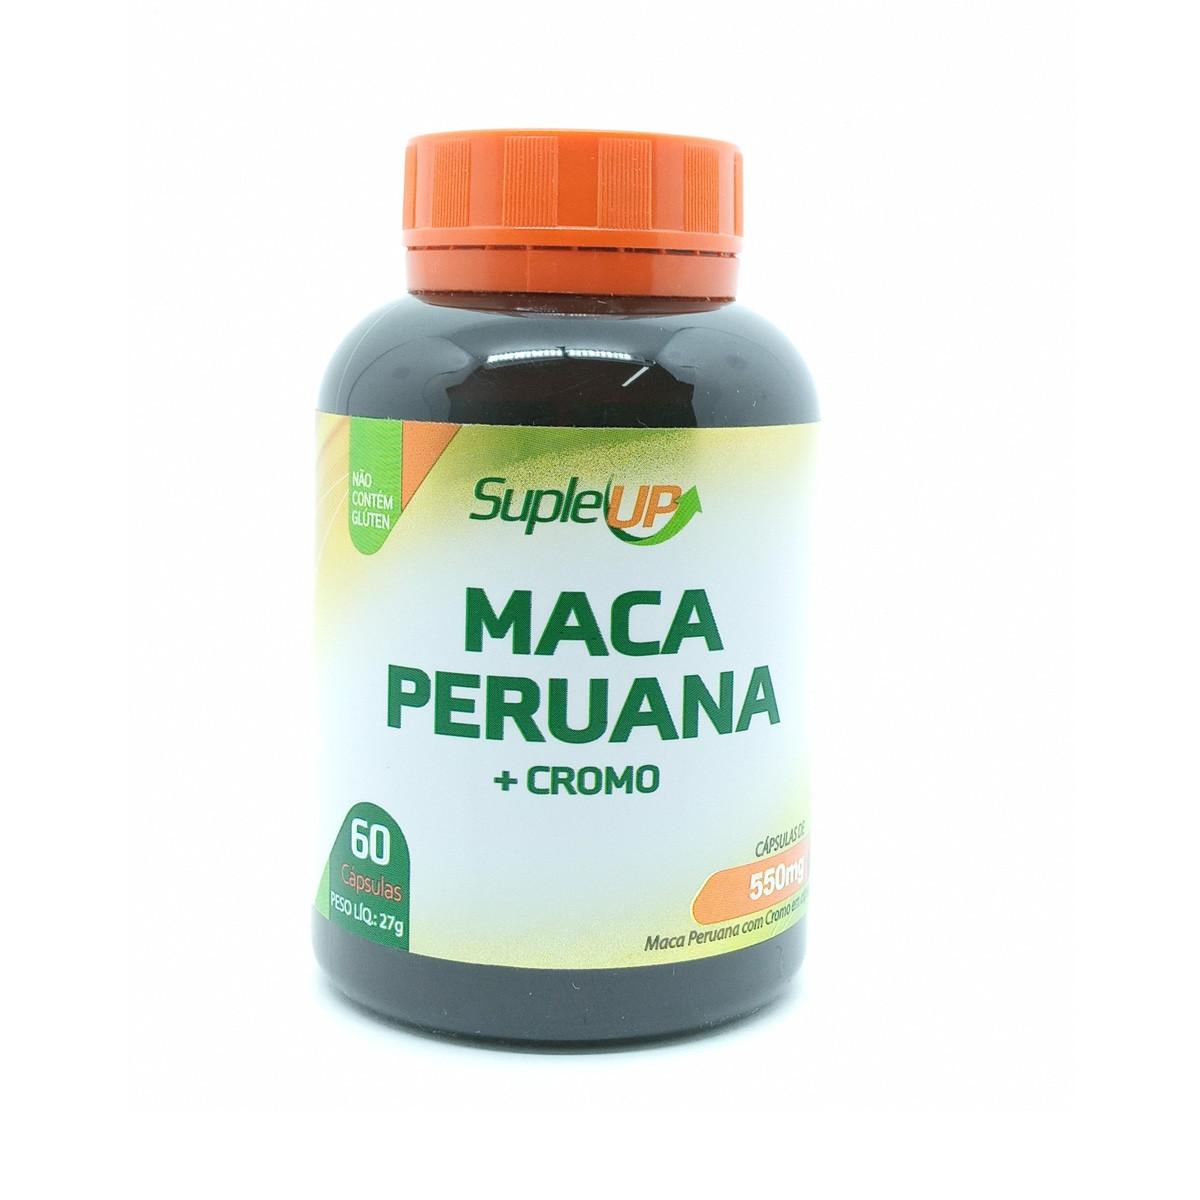 Maca Peruana 550mg 60 cápsulas - Suple Up